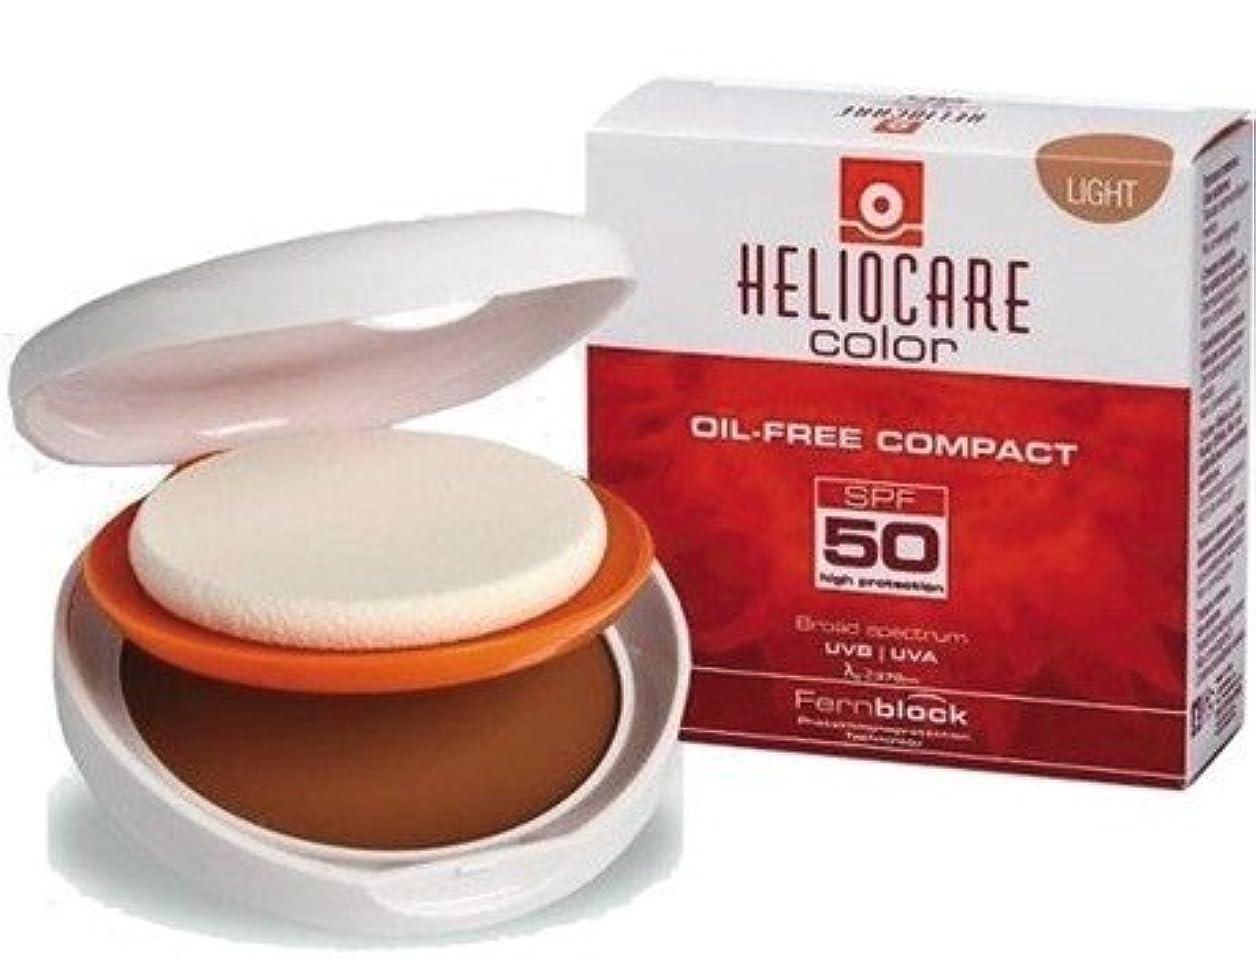 美的流体速報ヘリオケア カラーオイル フリーコンパクト SPF50 ライト HELIOCARE COLOR OIL FREE COMPACT SPF50 LIGHT